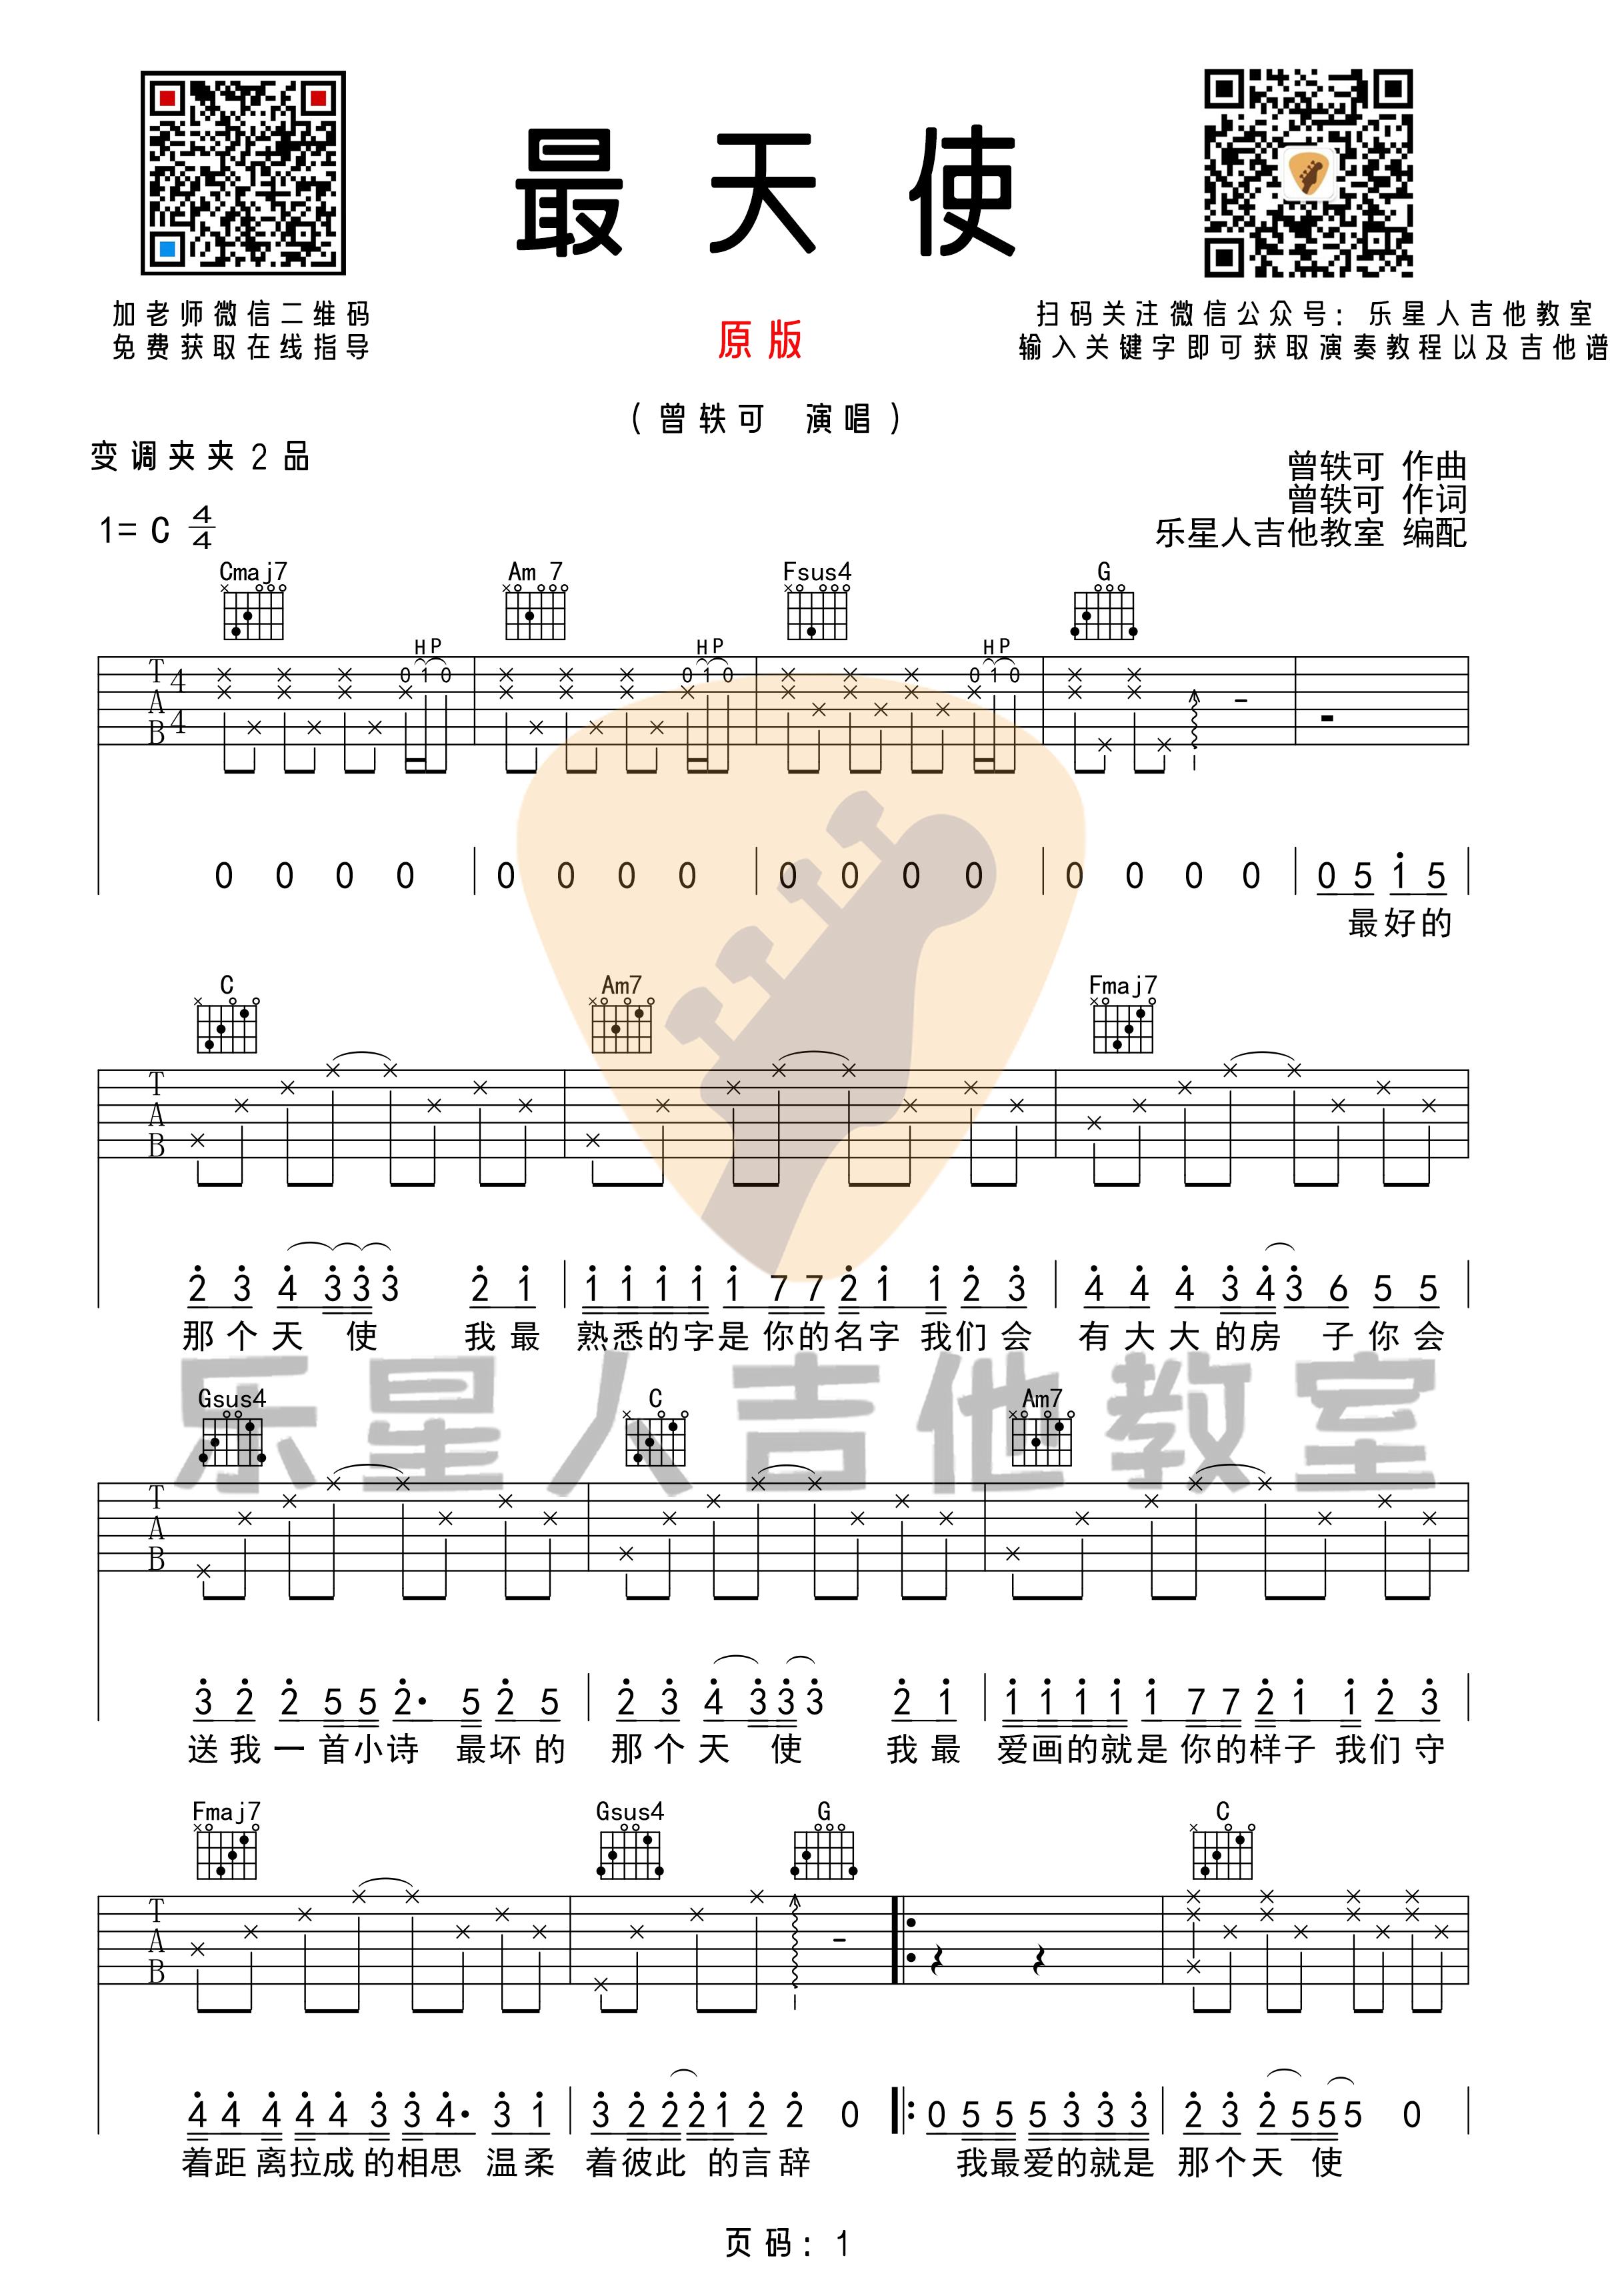 吉他派最天使吉他谱-1